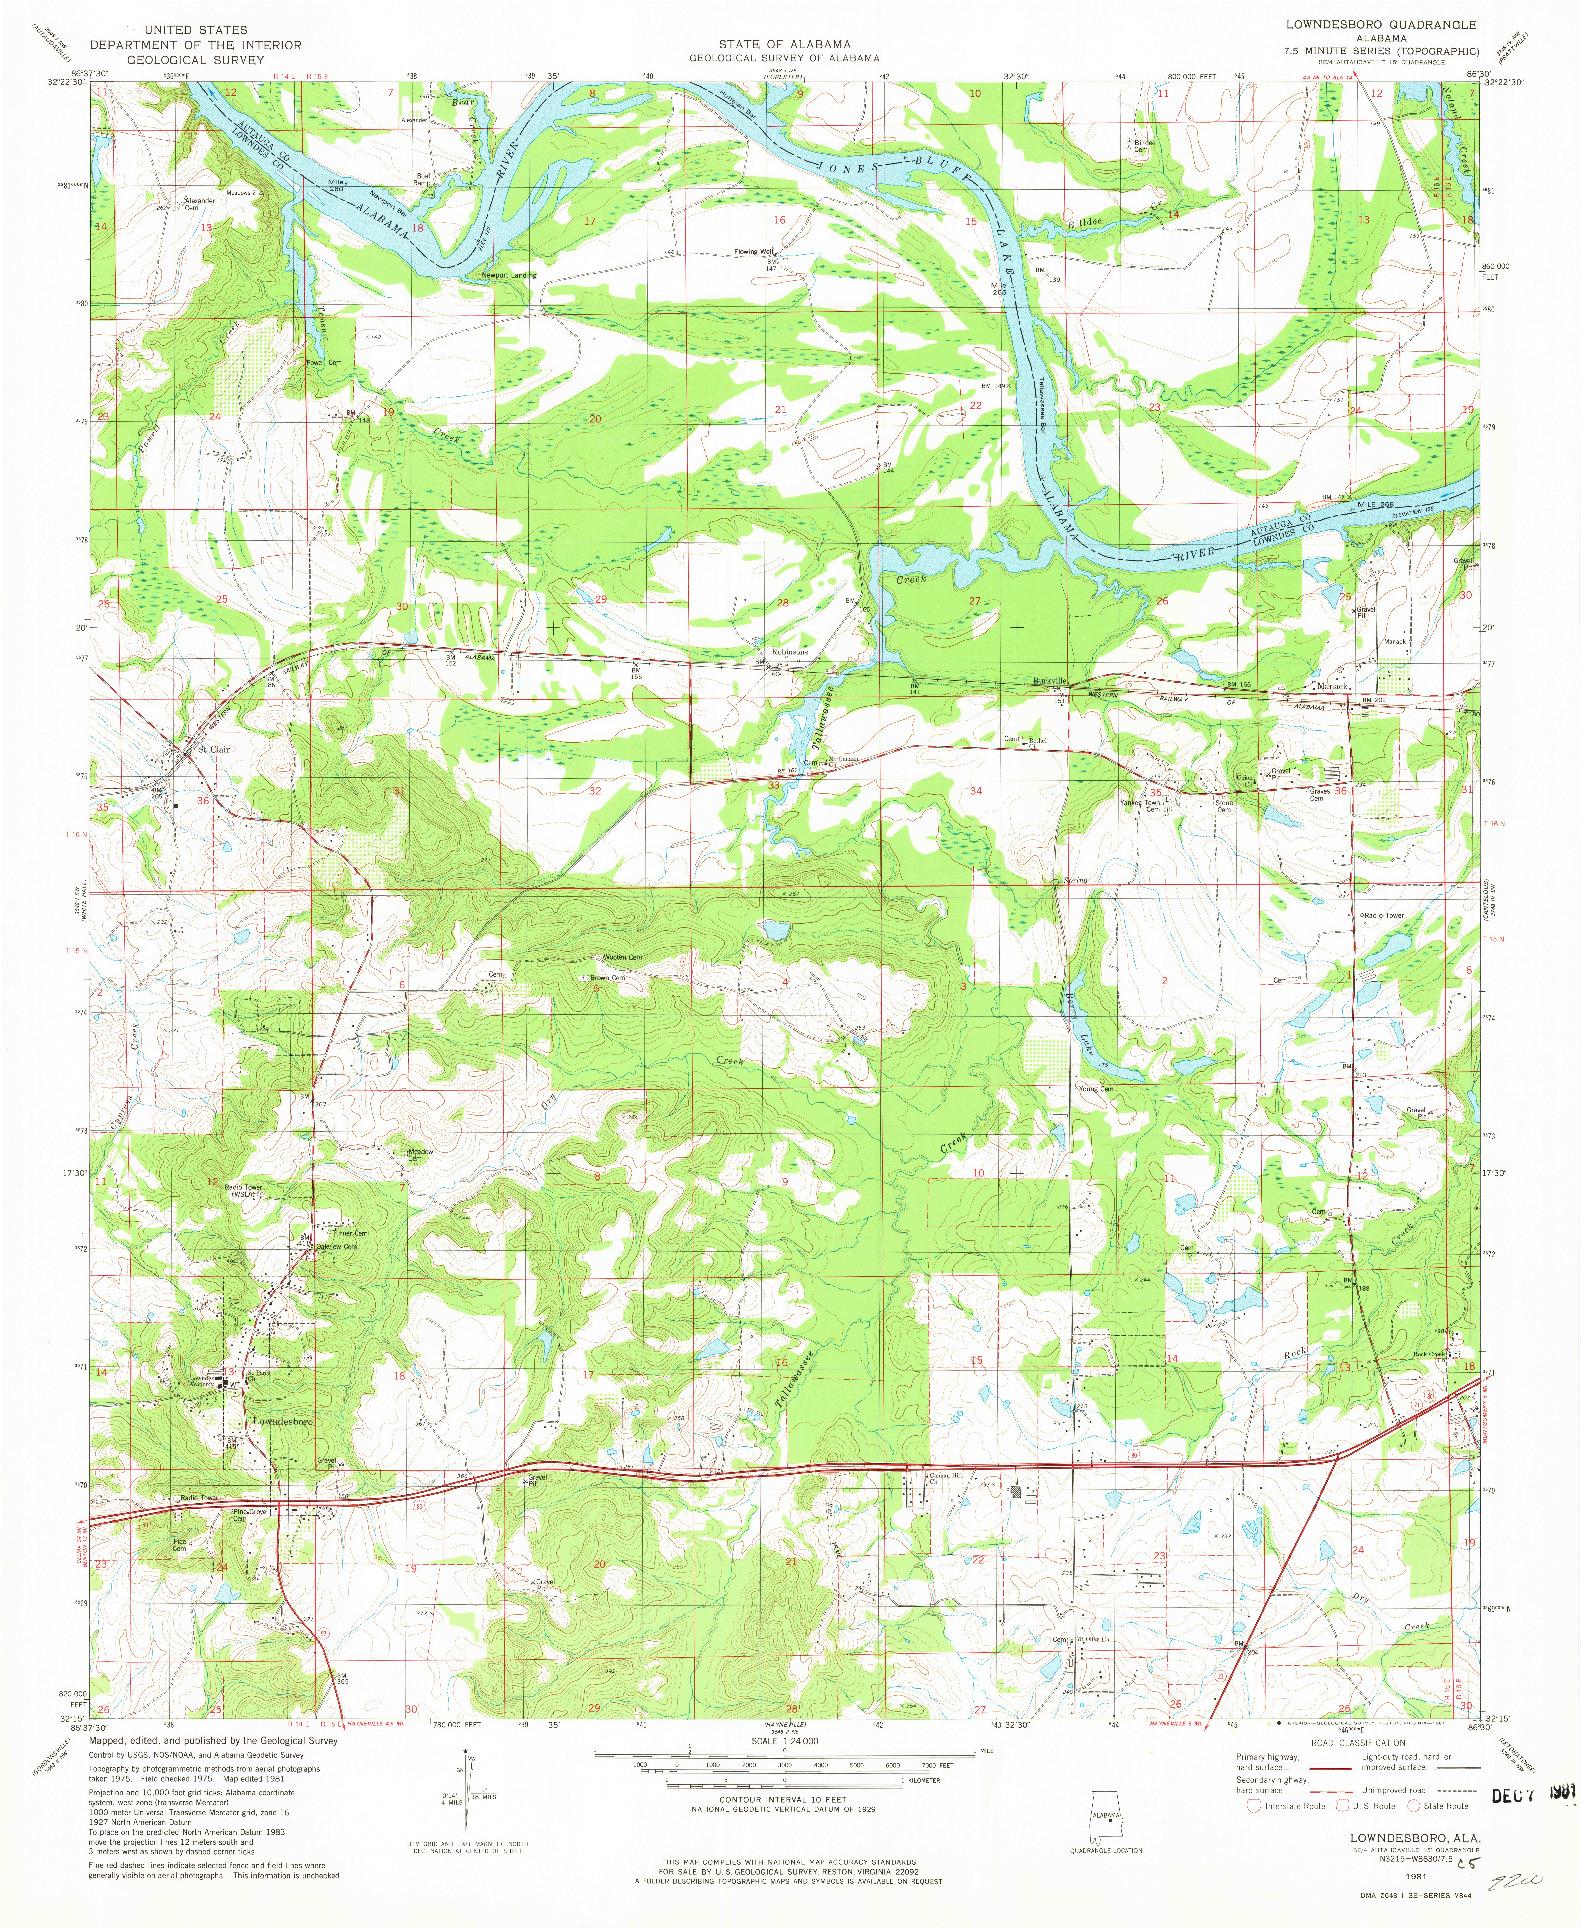 USGS 1:24000-SCALE QUADRANGLE FOR LOWNDESBORO, AL 1981